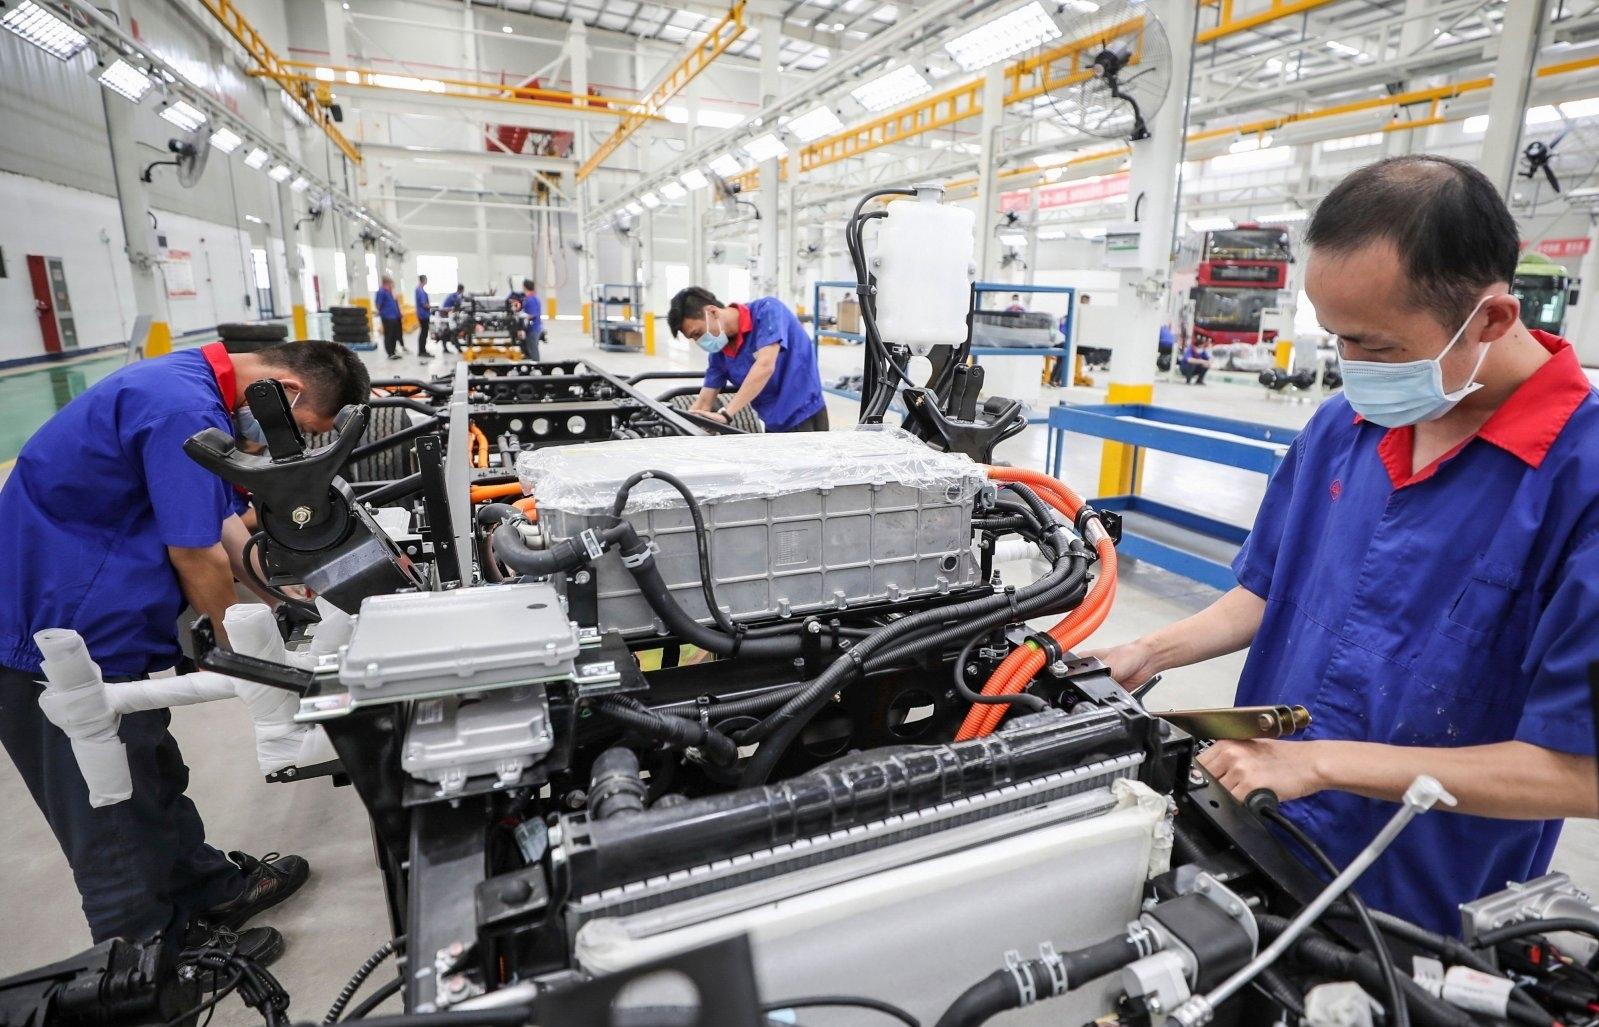 Doanh nghiệp FDI lạc quan về tình hình sản xuất kinh doanh những tháng cuối năm